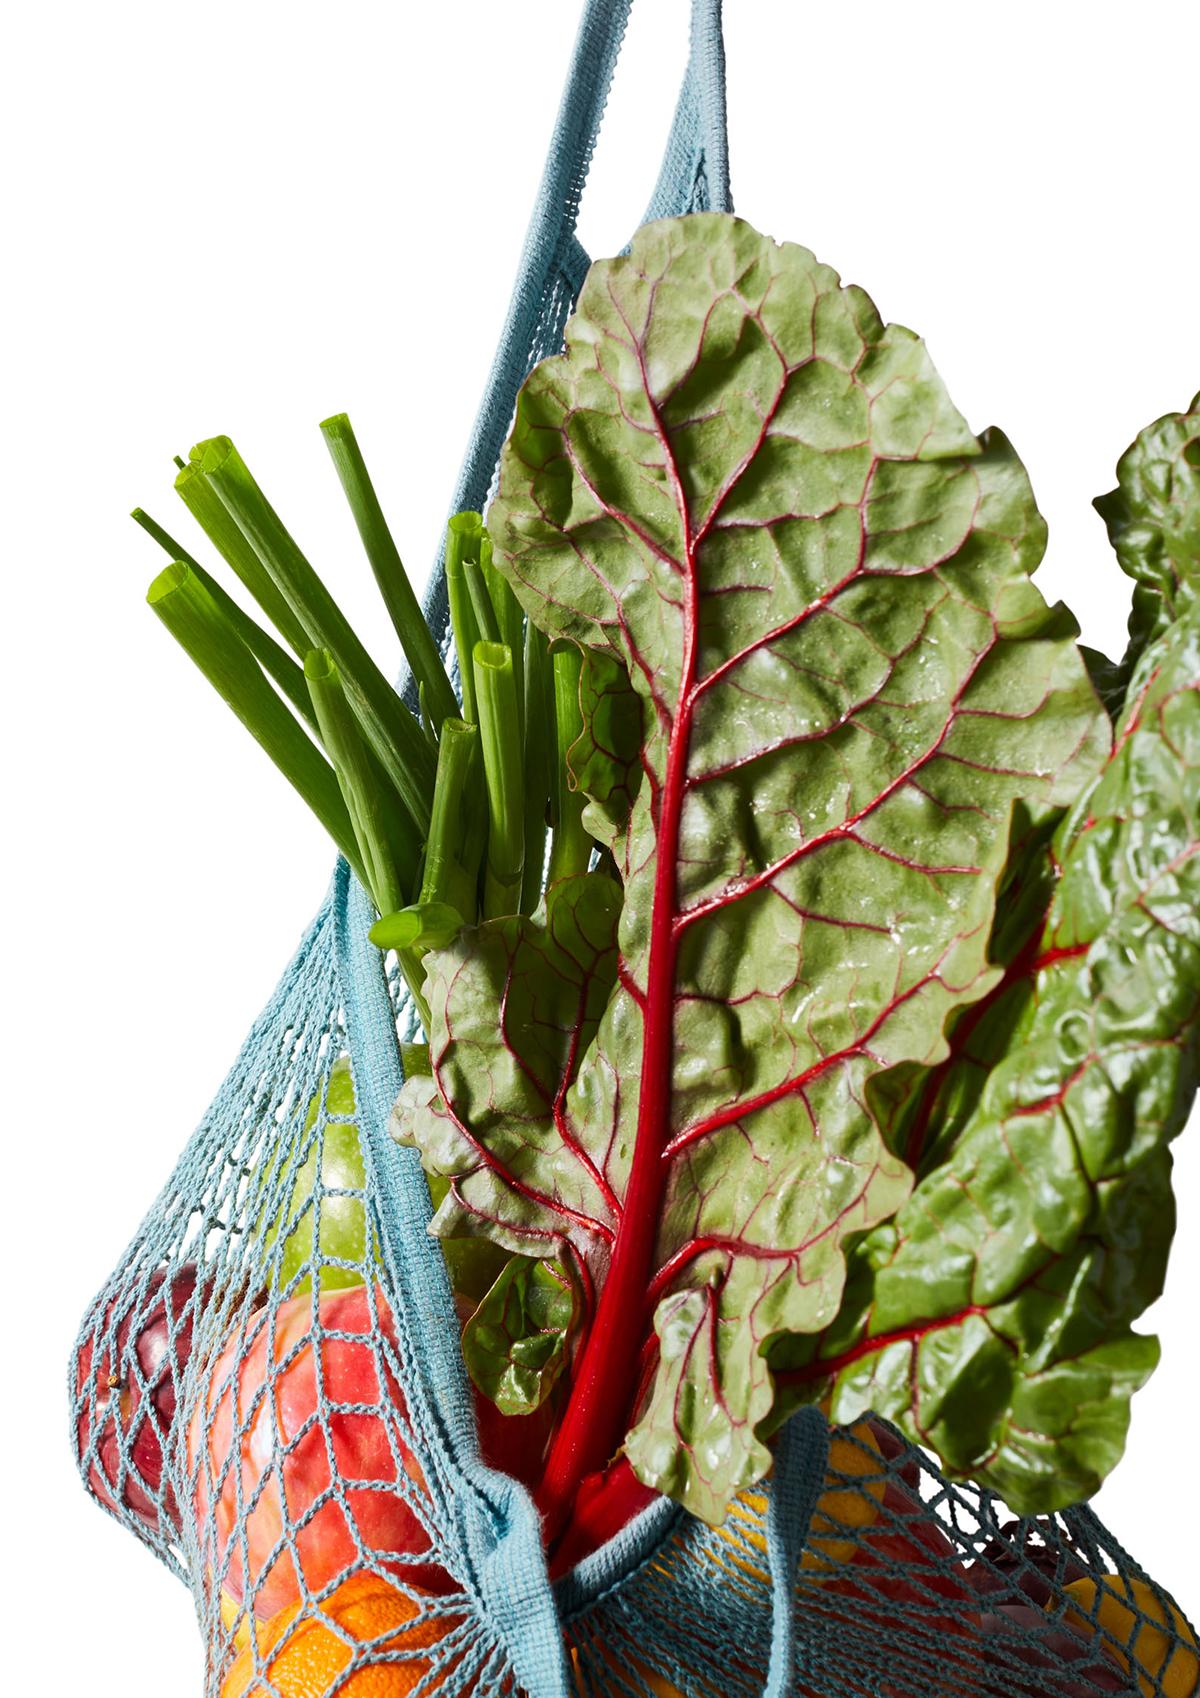 Produce in bag